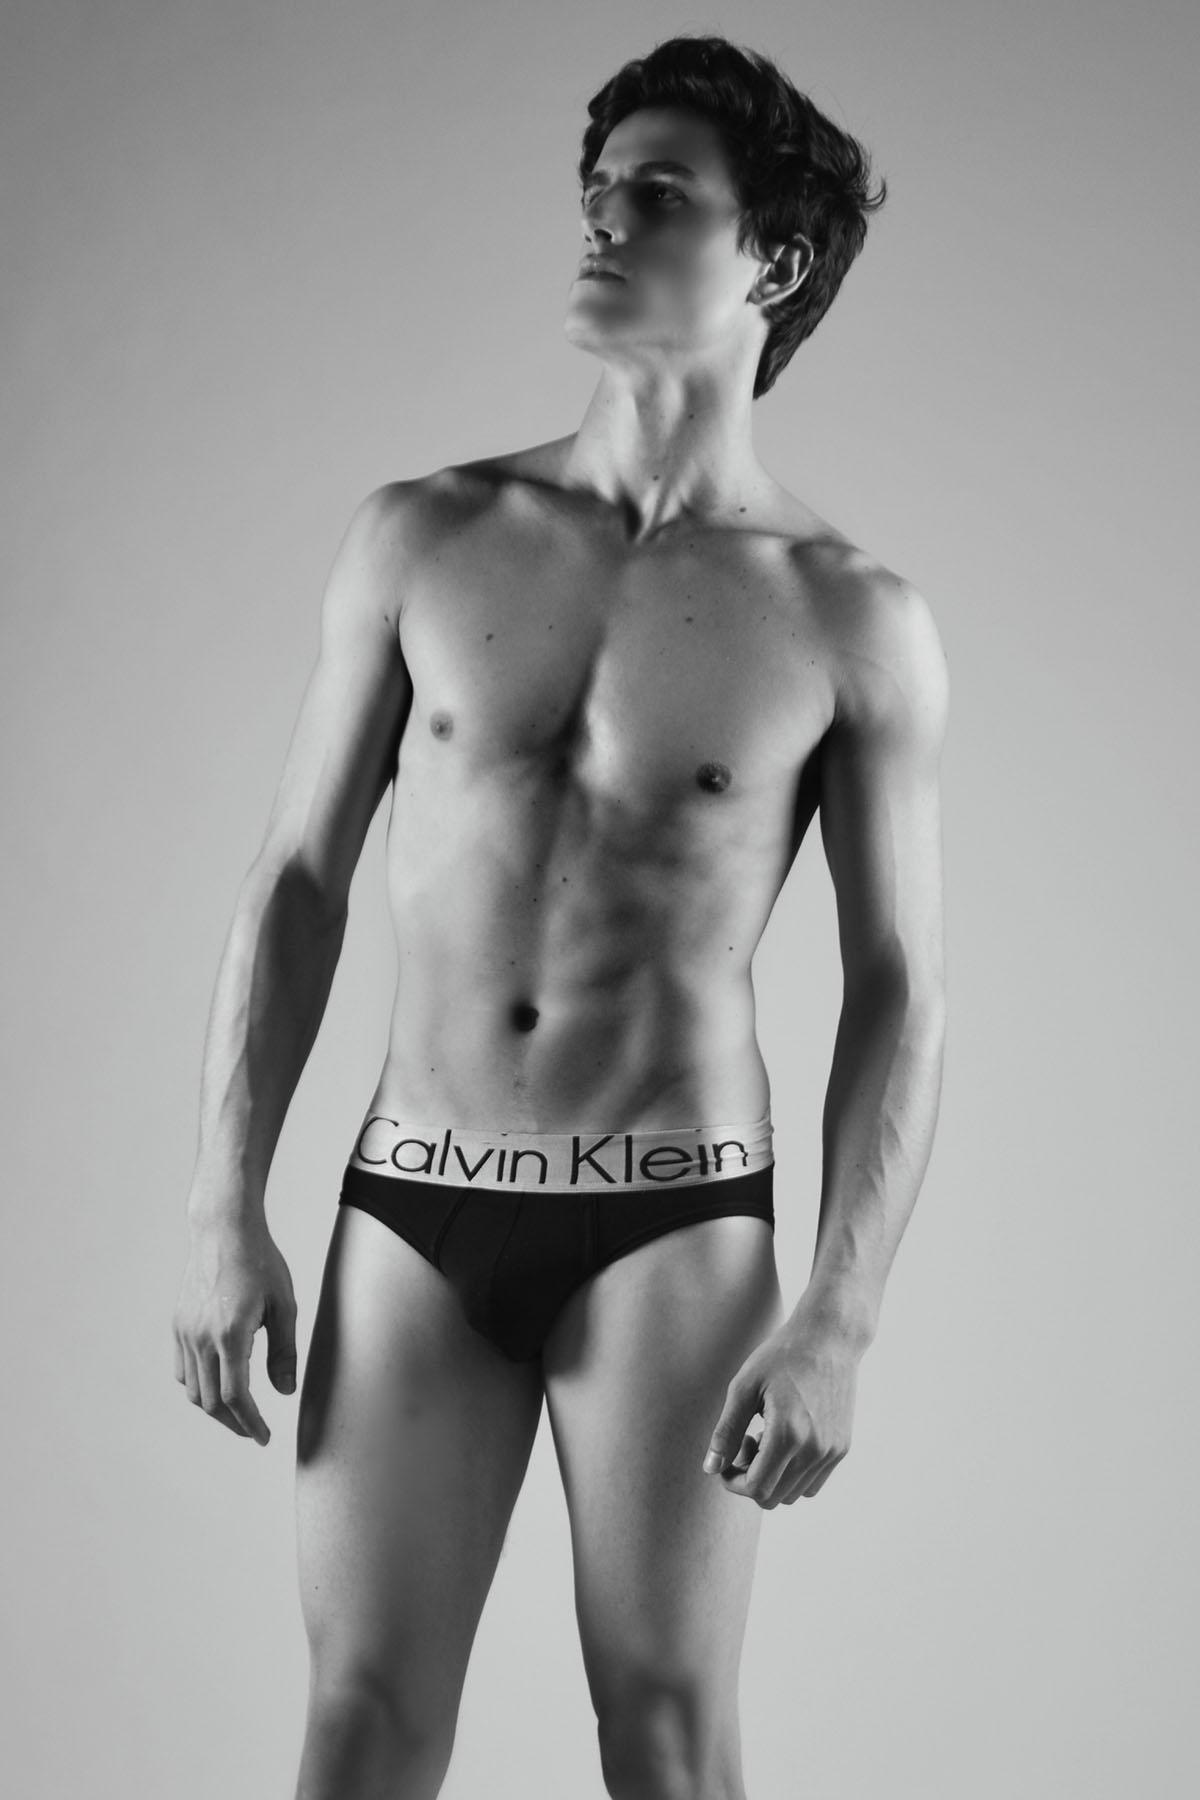 Vinicius Fugazza by Gutto Ferraz for Brazilian Male Model